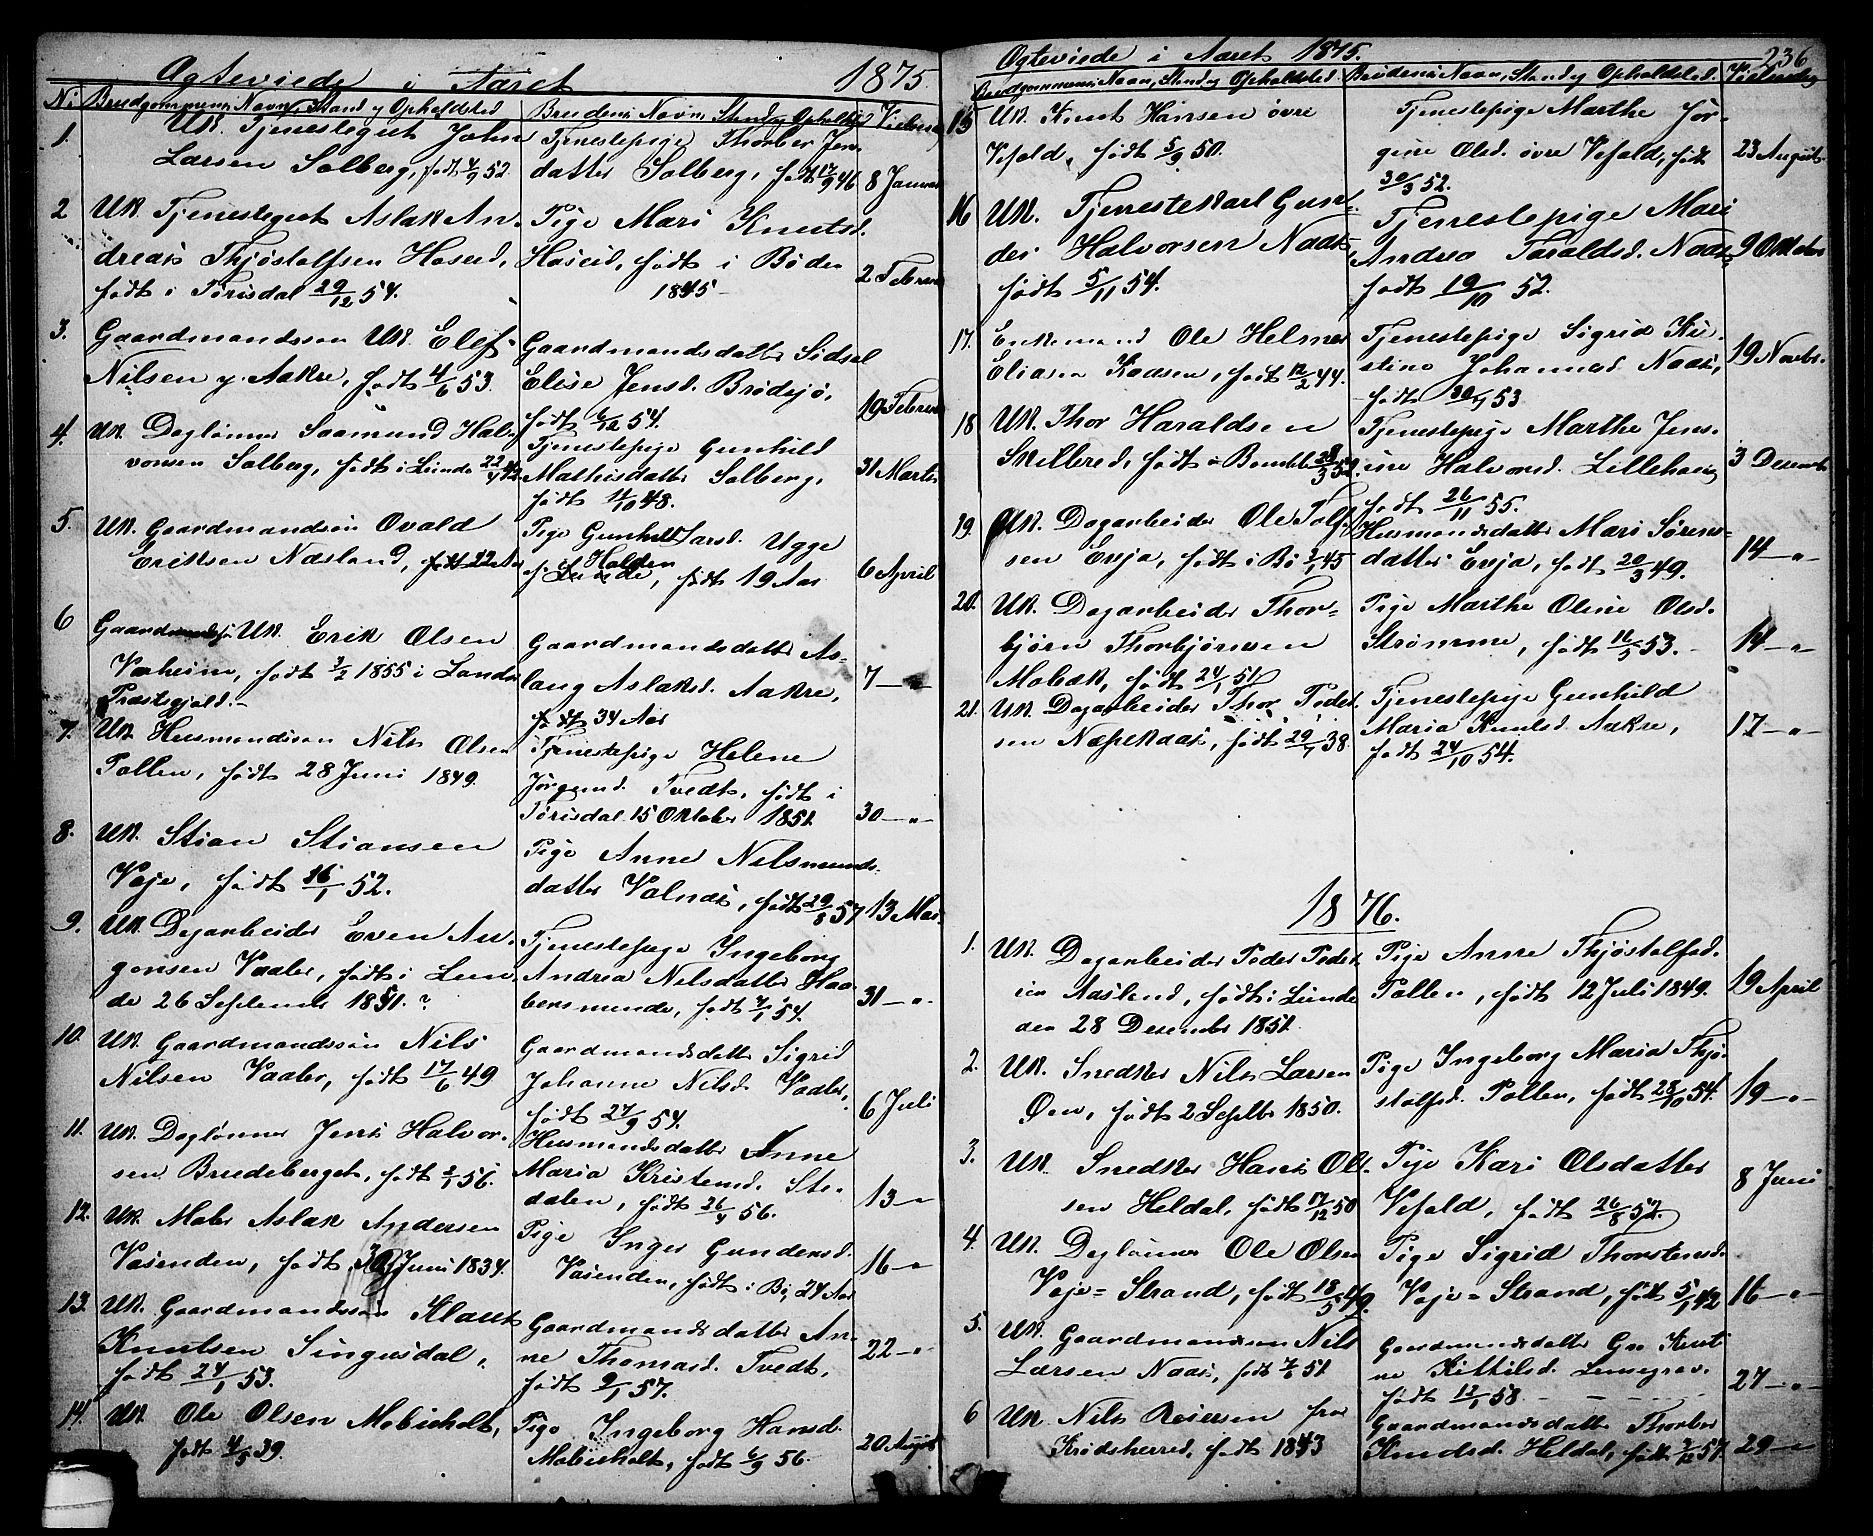 SAKO, Drangedal kirkebøker, G/Ga/L0002: Klokkerbok nr. I 2, 1856-1887, s. 236